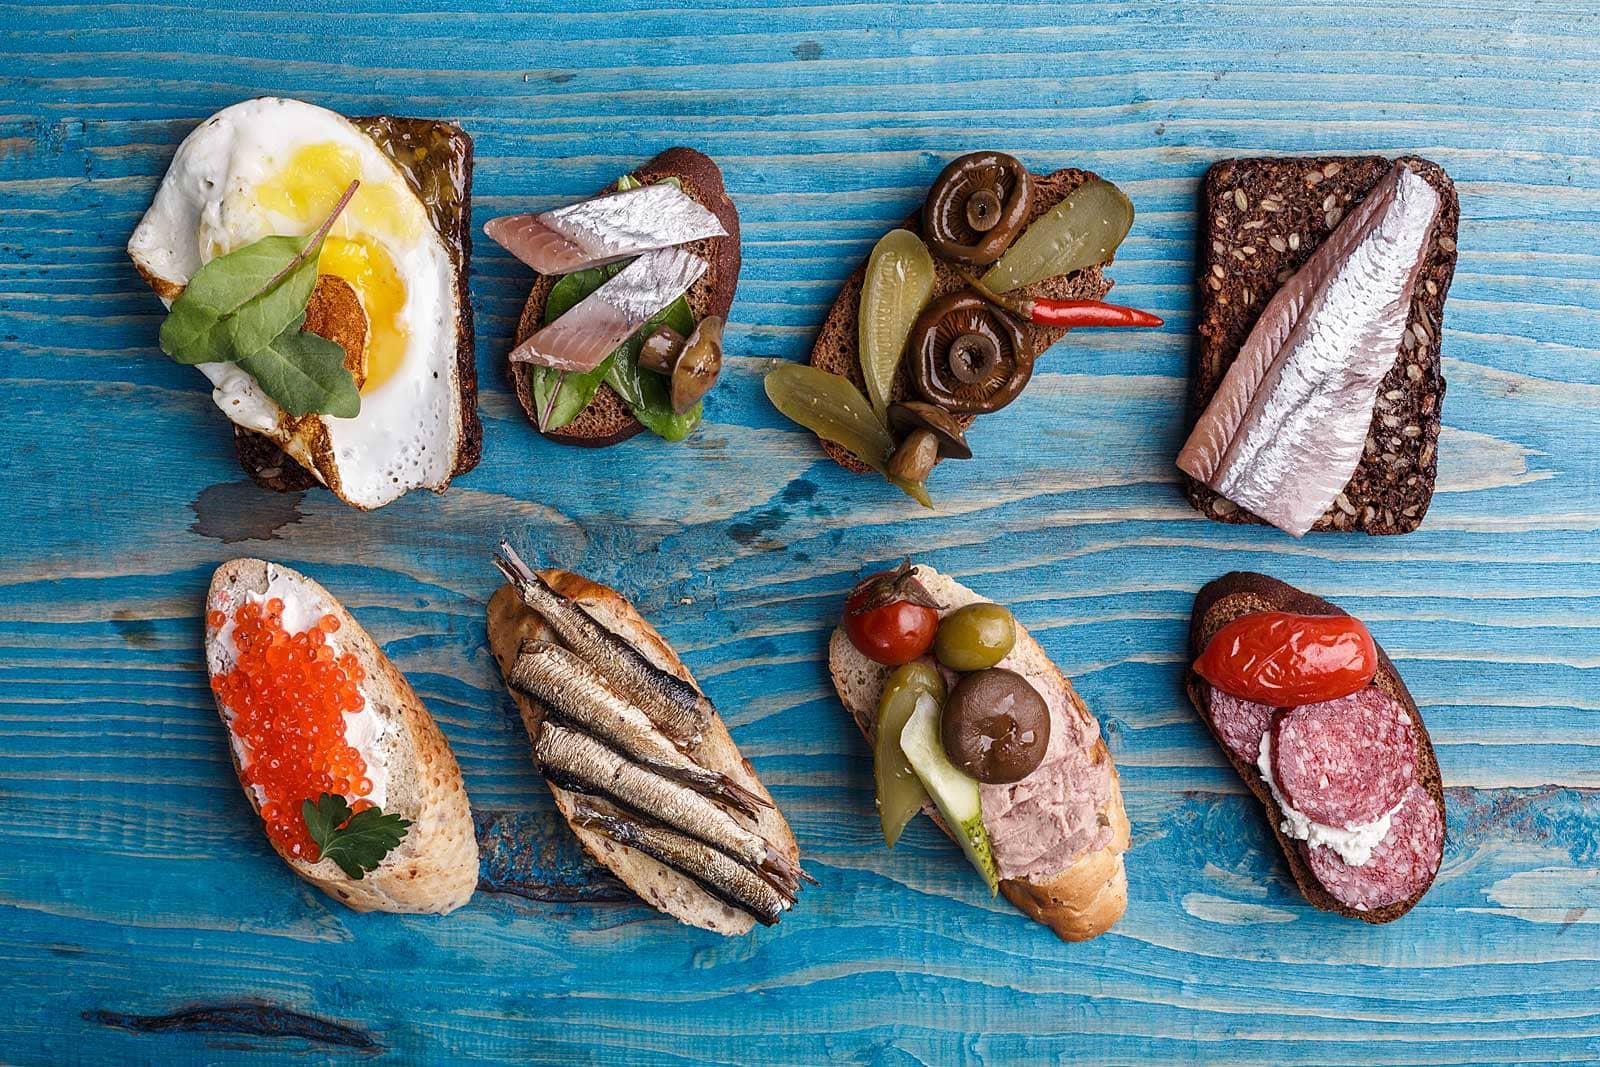 Traditioneel eten in Denemarken: de lekkerste lunchspot voor smørrebrød